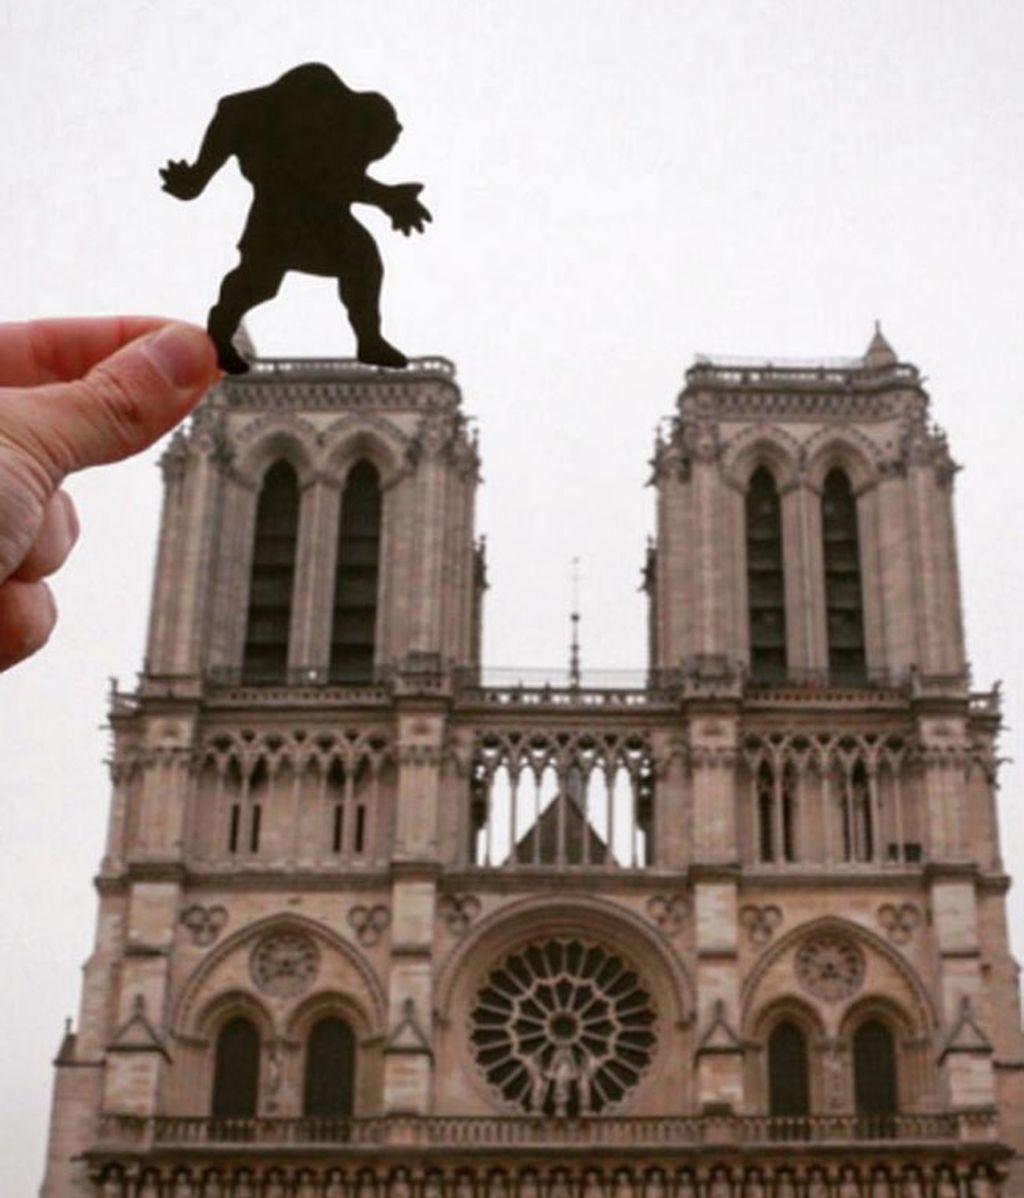 La Catedral de Notre Dame, custodiada por el jorobado